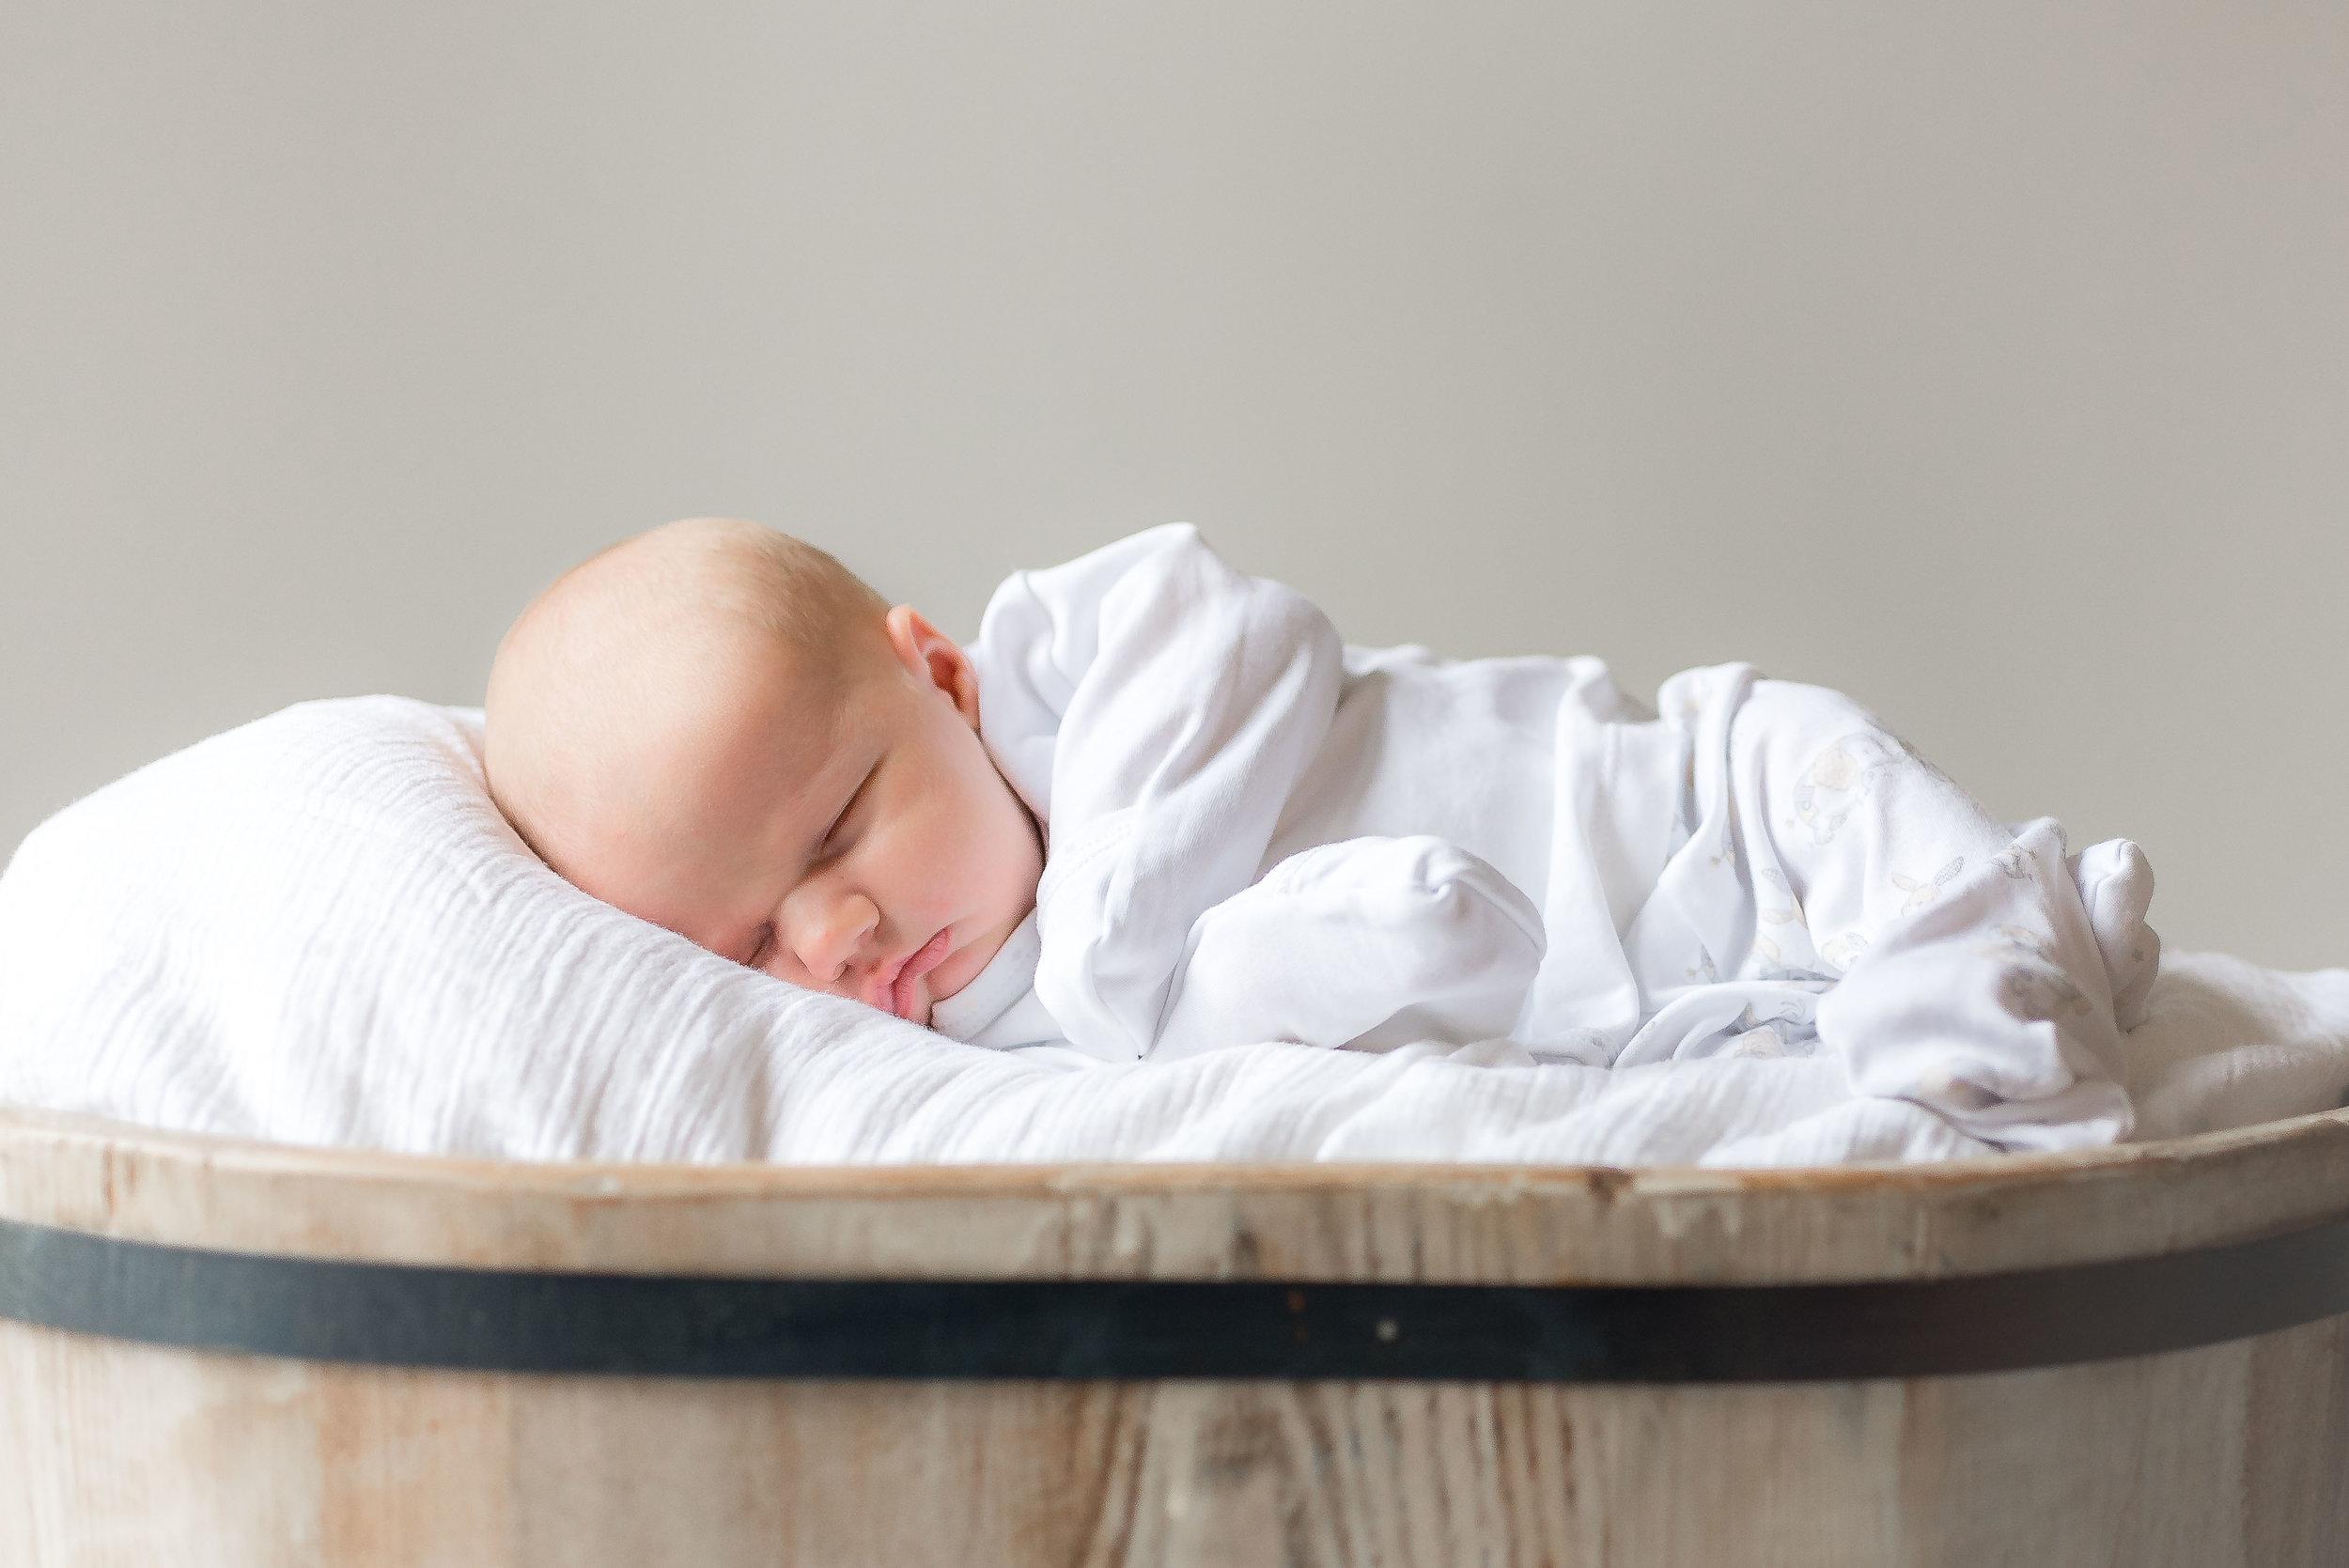 Erin-Fabio-Photography-Everett-Carr-Newborns-Sept-2018-12.jpg